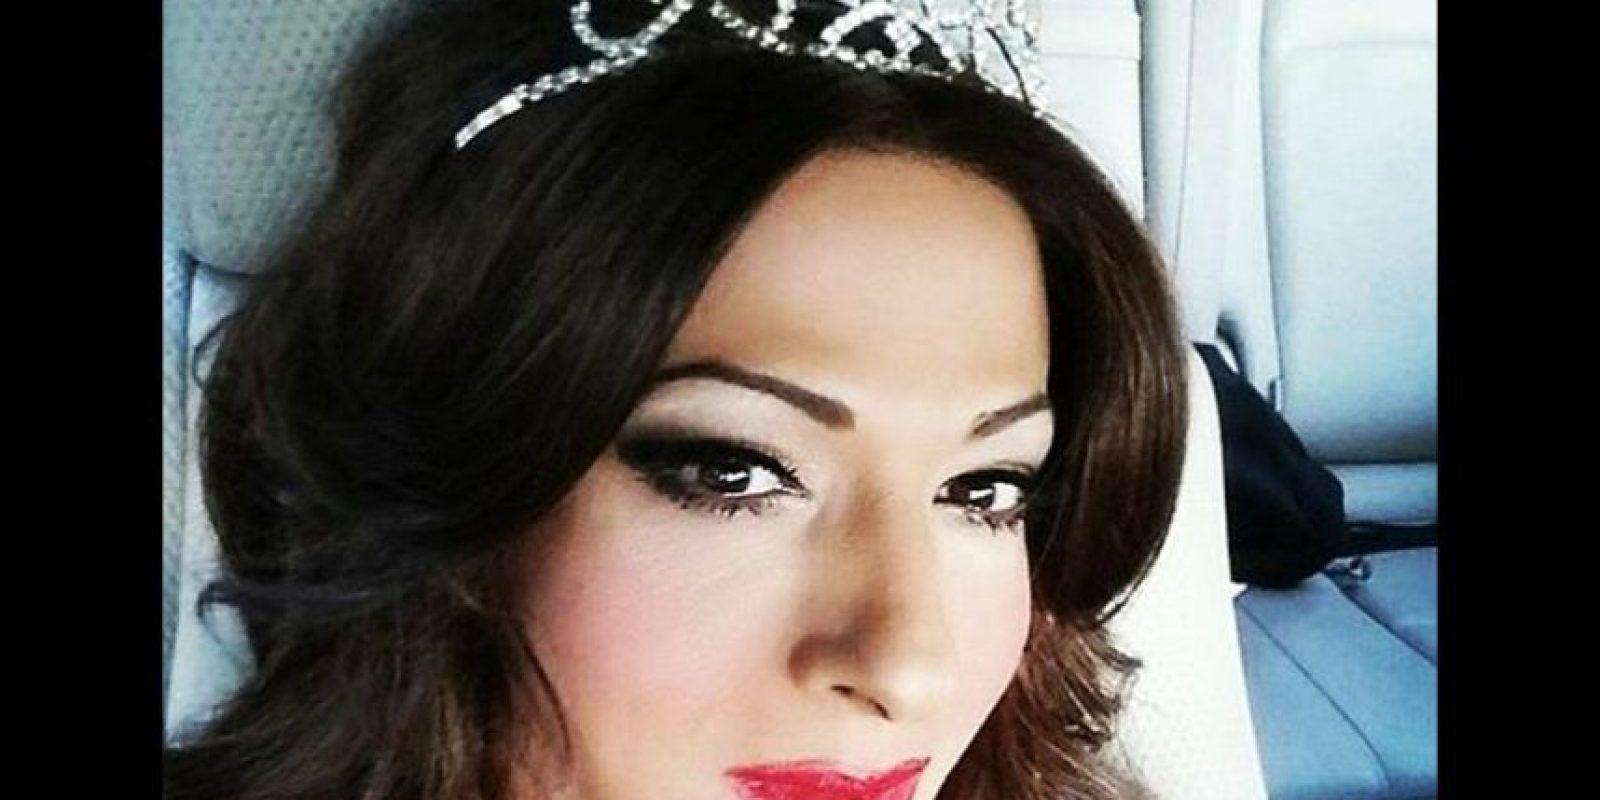 La cantante transexual israelí a sus 29 años logró triunfar en el 43º Festival de Eurovisión. Foto:Vía instagram.com/danainternational